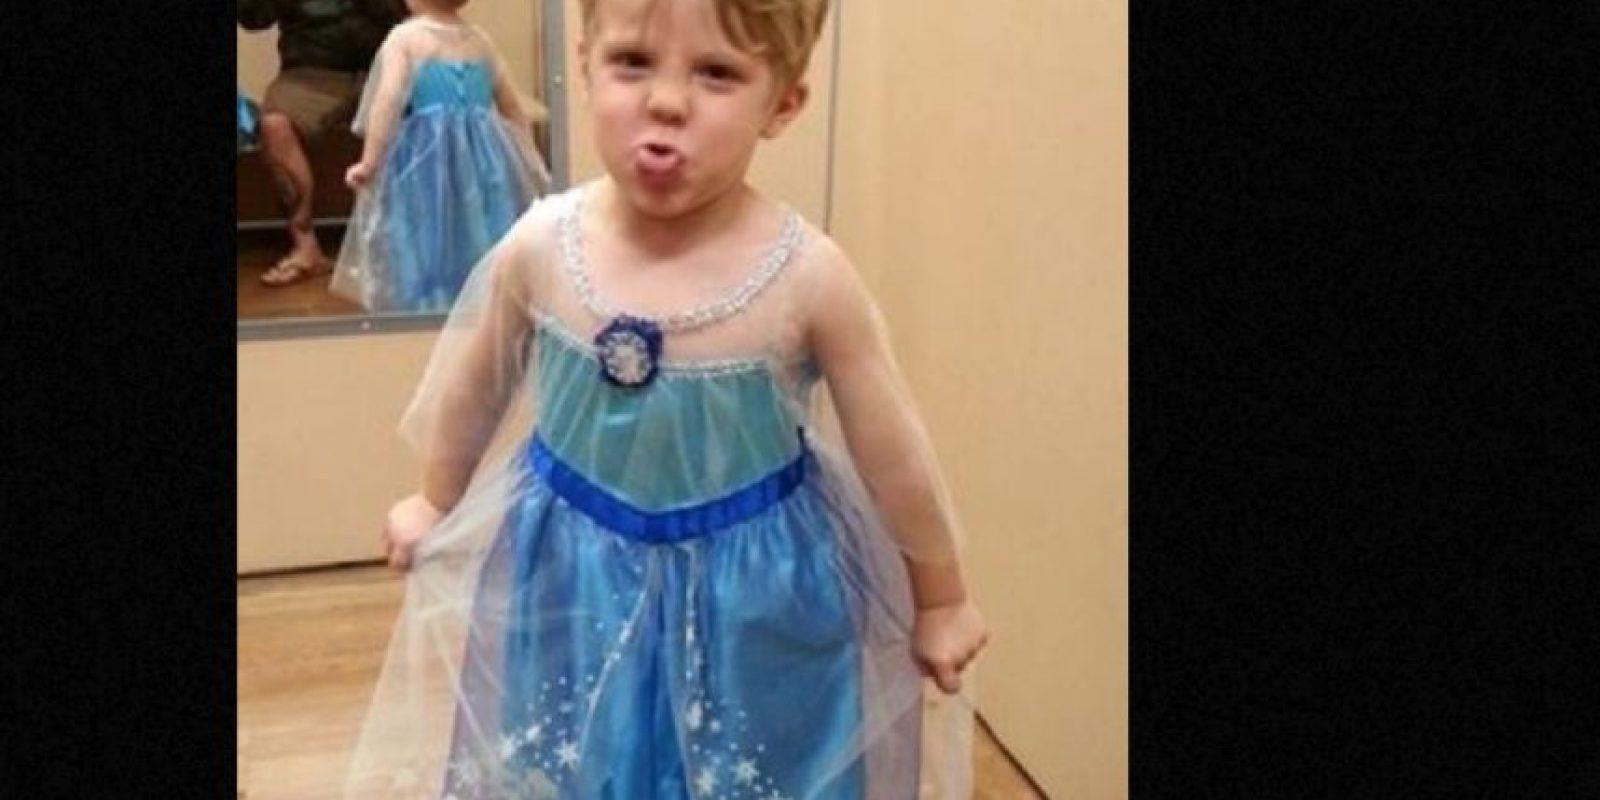 """En el post se observa a su pequeño de tres años luciendo el vestido de Elsa de la película """"Frozen"""". Según menciona Paul, su hijo eligió ese disfraz para Halloween. Foto:vía Imgur"""